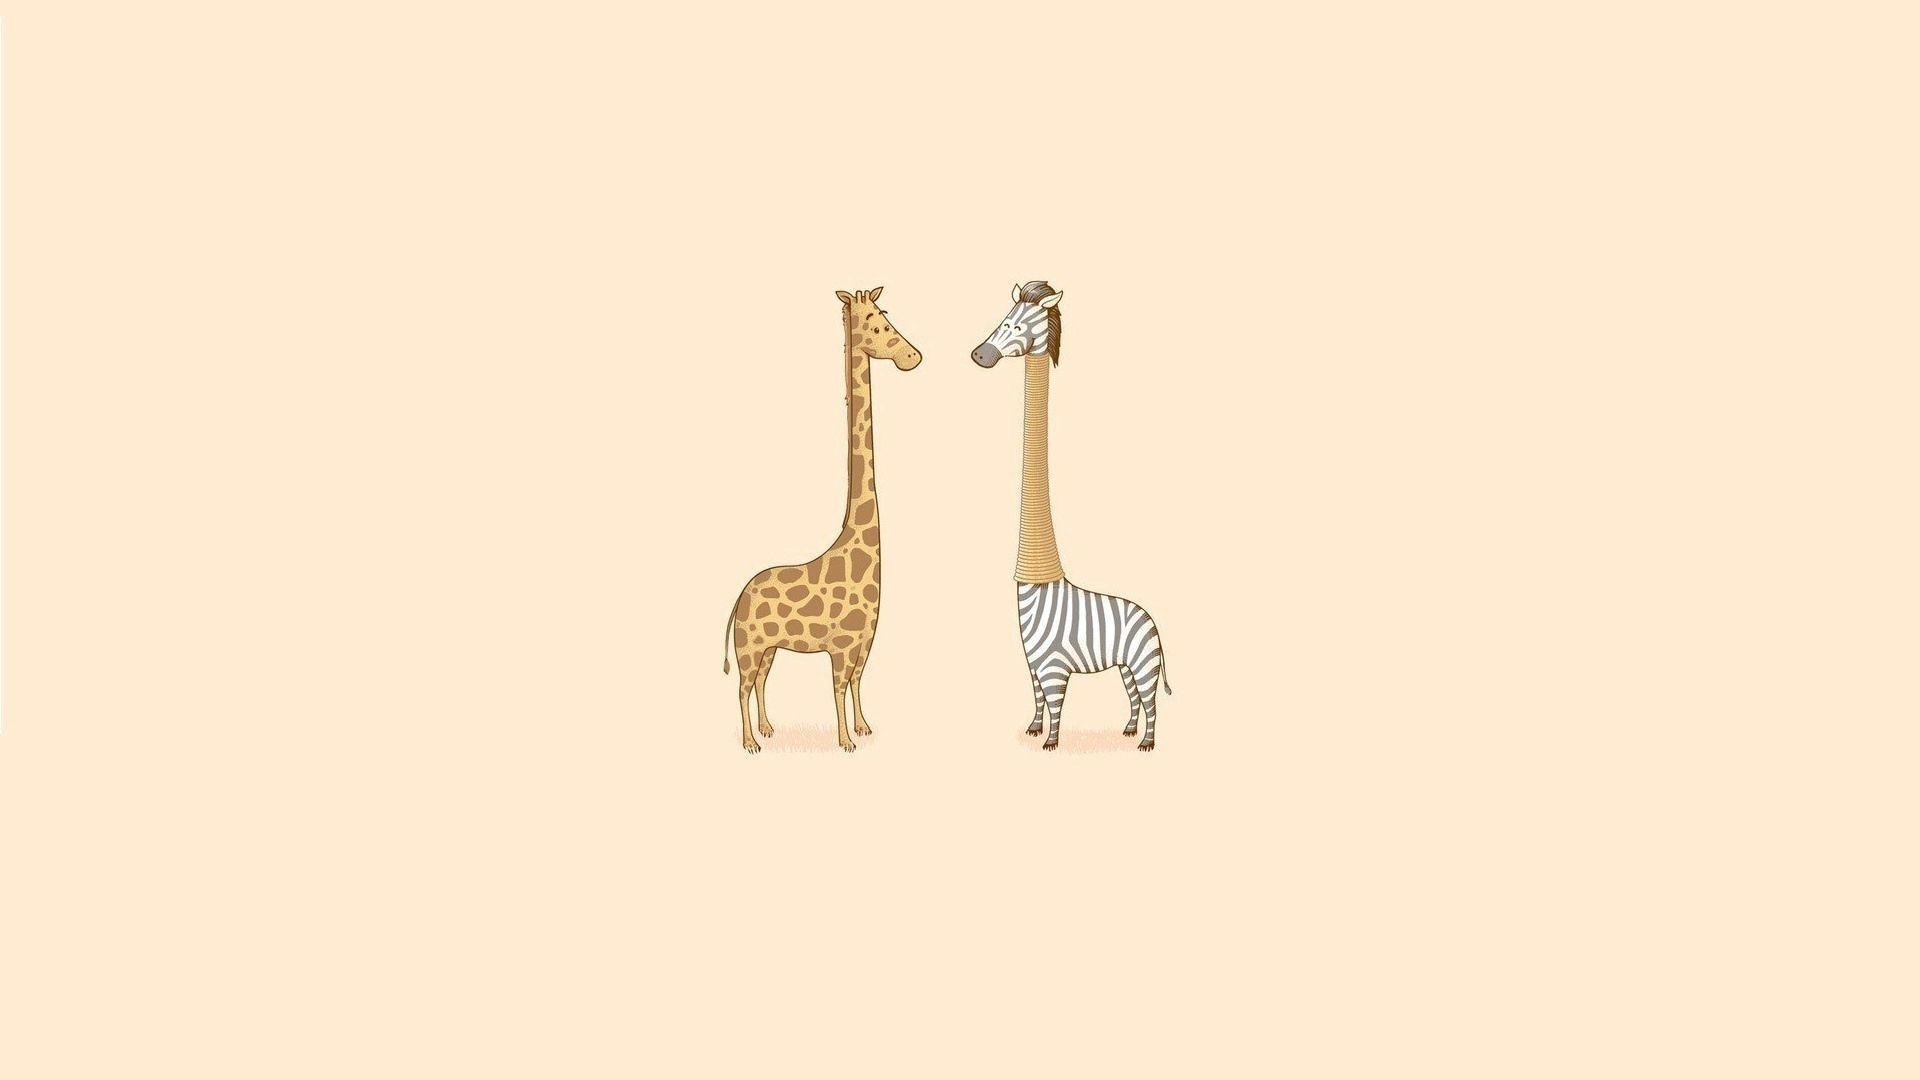 135688 Bildschirmschoner und Hintergrundbilder Humor auf Ihrem Telefon. Laden Sie Humor, Kunst, Lara Croft: Tomb Raider, Vektor, Minimalismus, Giraffe Bilder kostenlos herunter